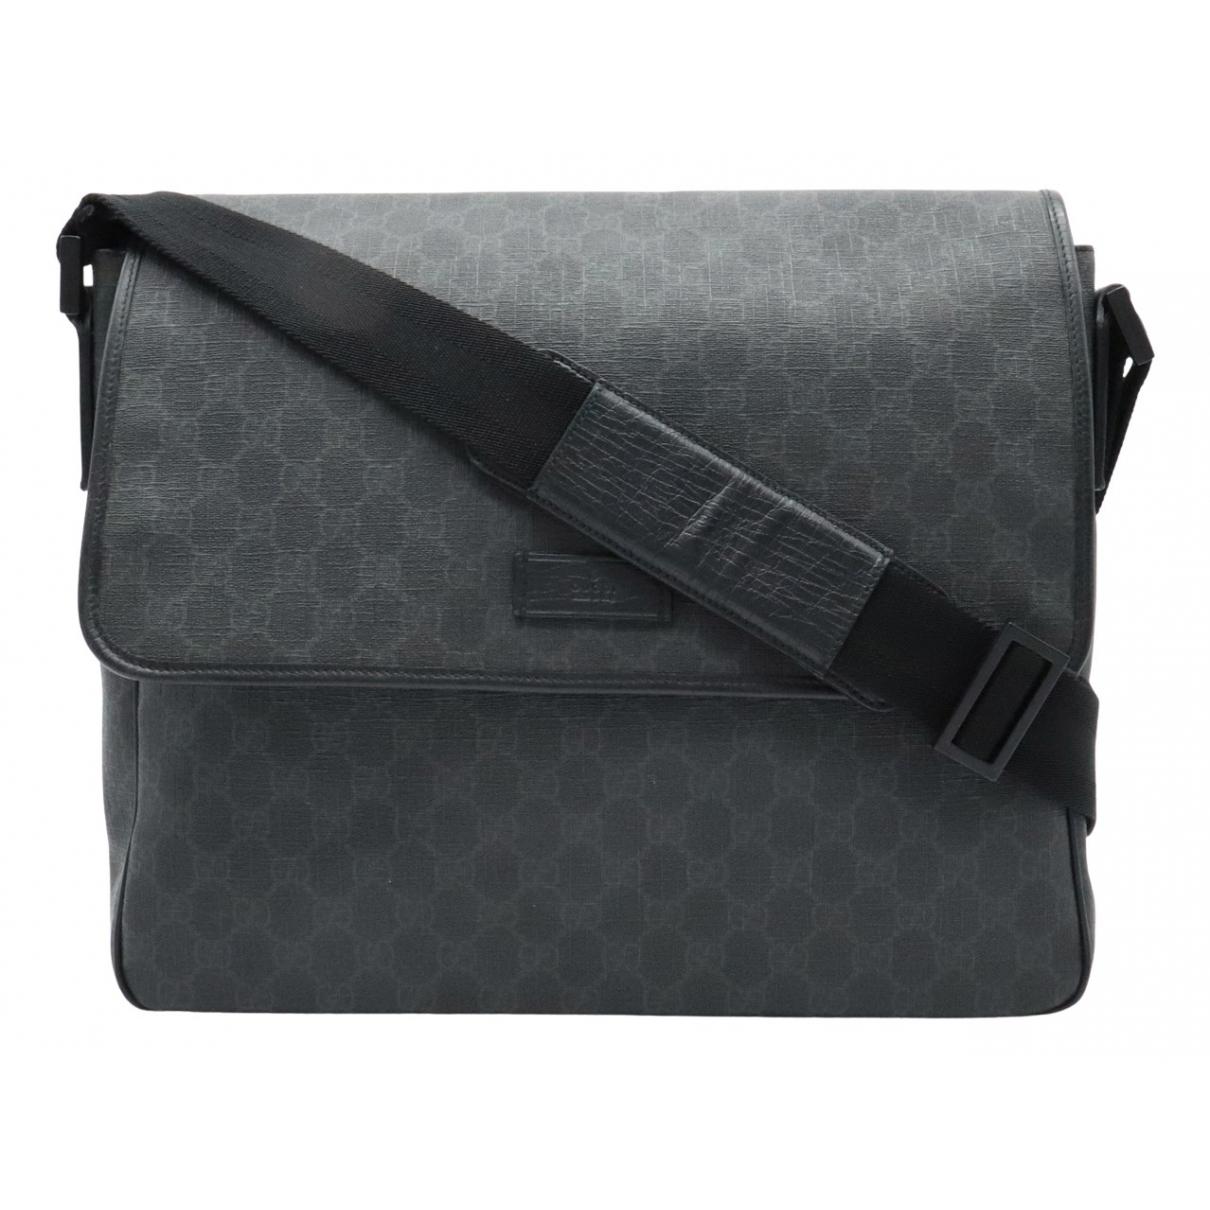 Gucci \N Handtasche in  Anthrazit Leinen